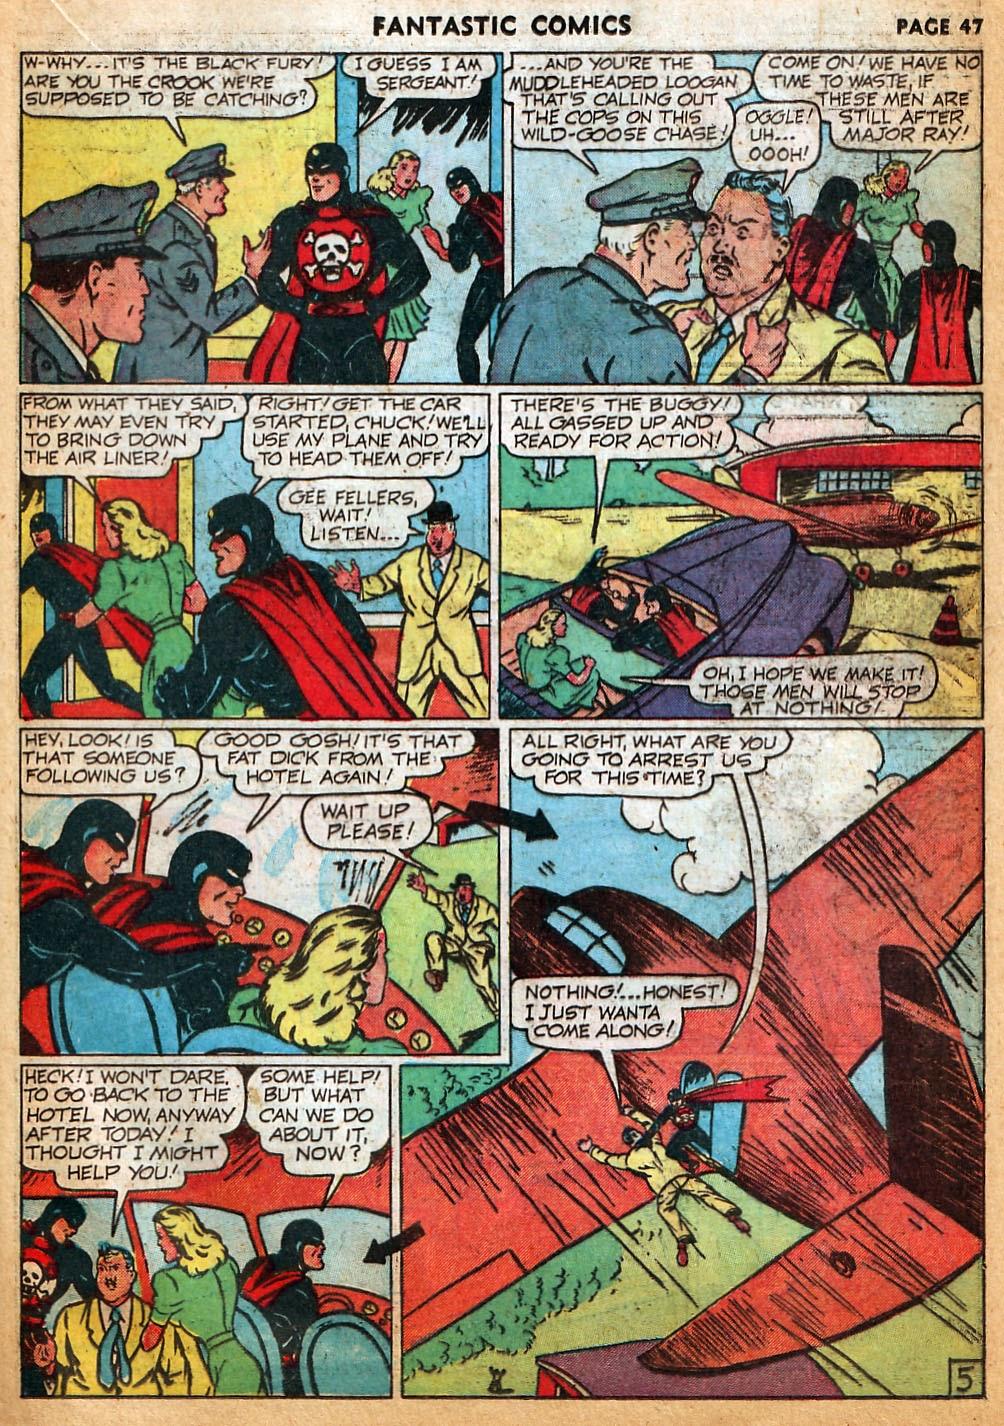 Read online Fantastic Comics comic -  Issue #22 - 48